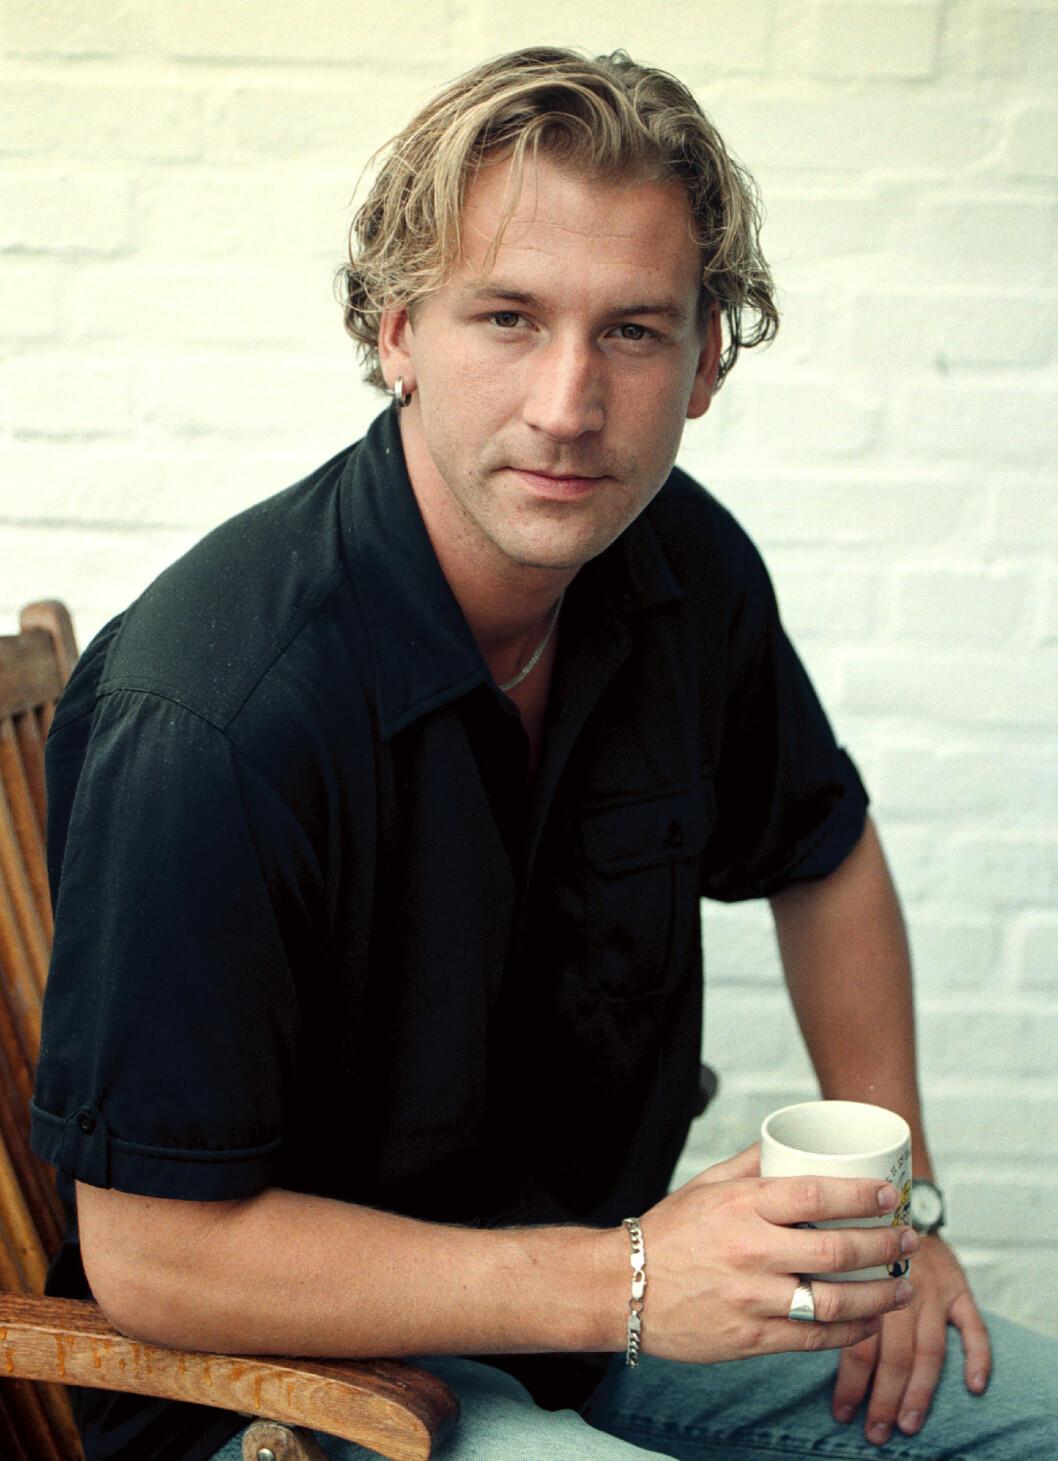 Kristian Hermansson